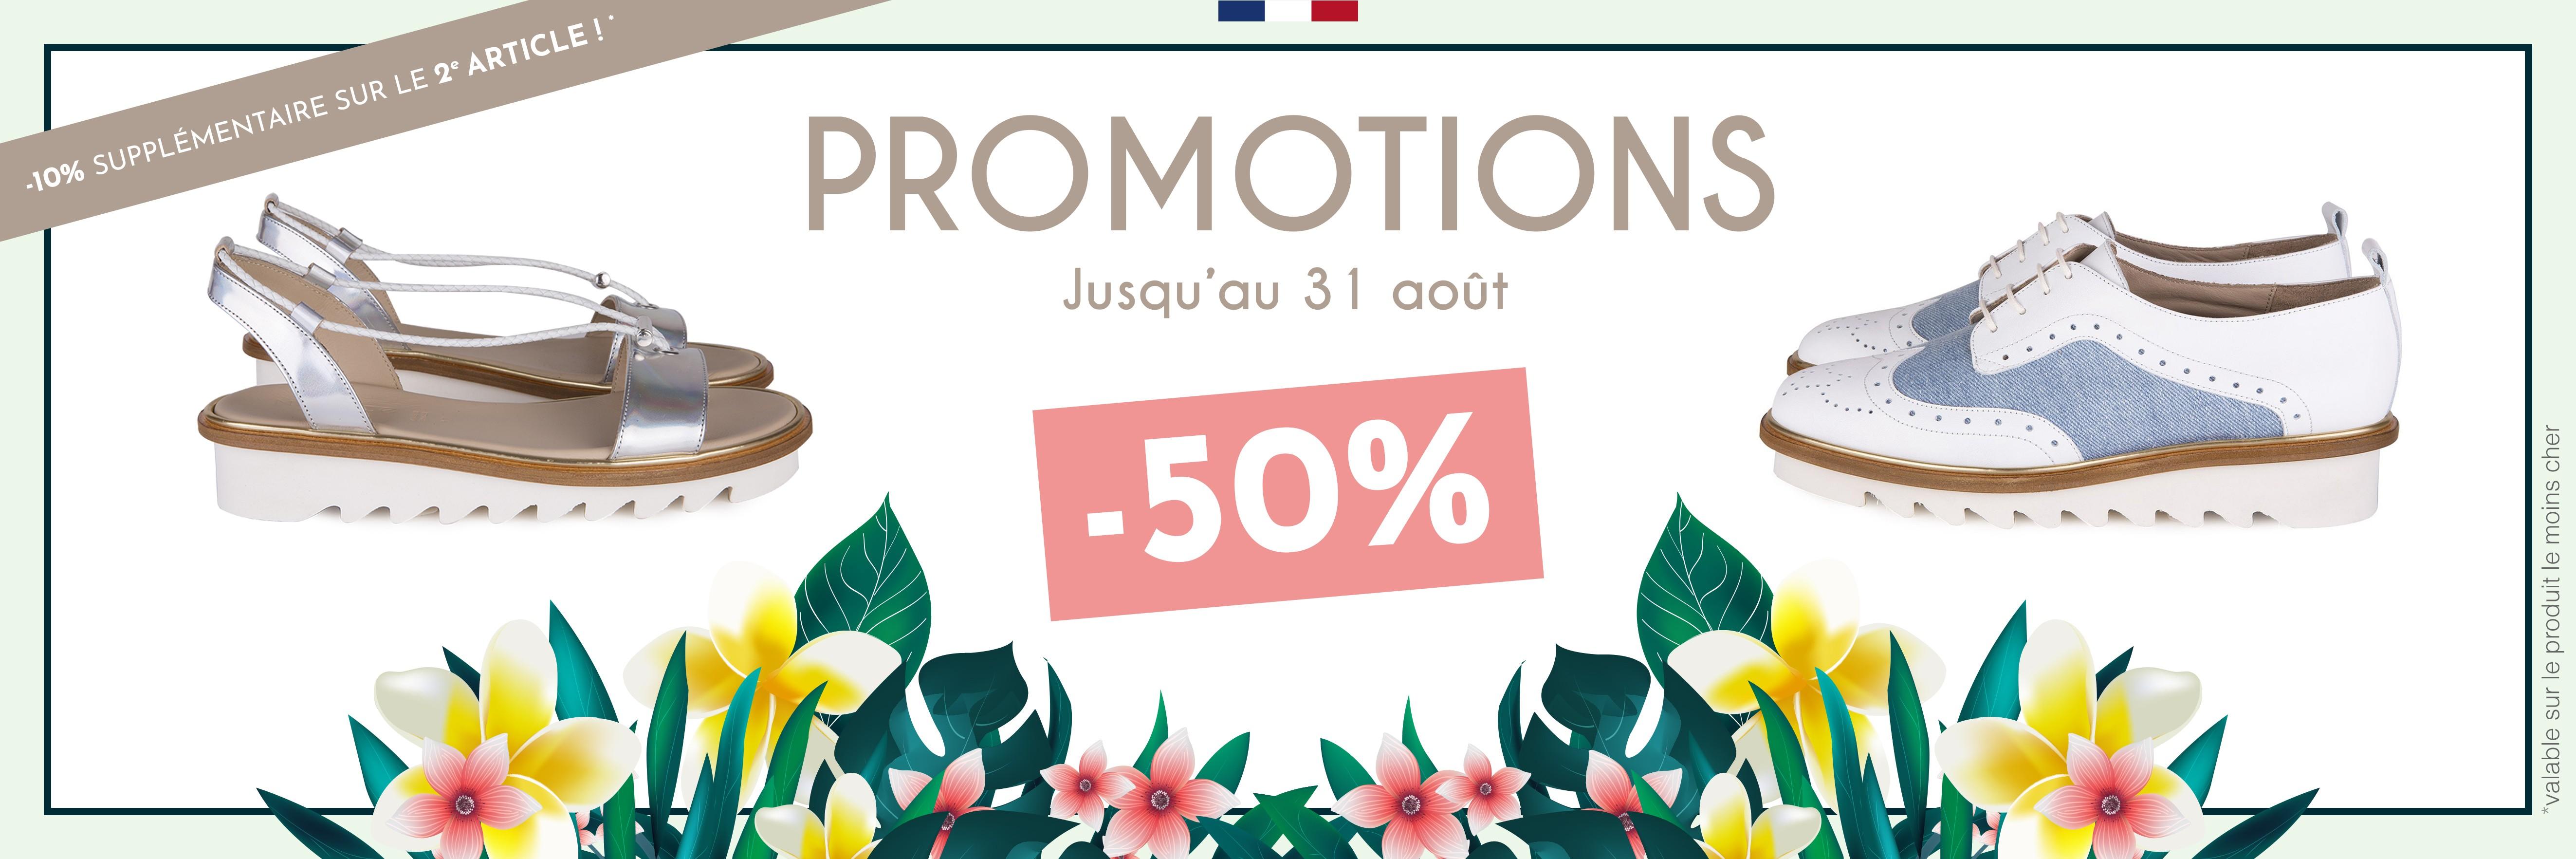 Promotions -50% jusqu'au